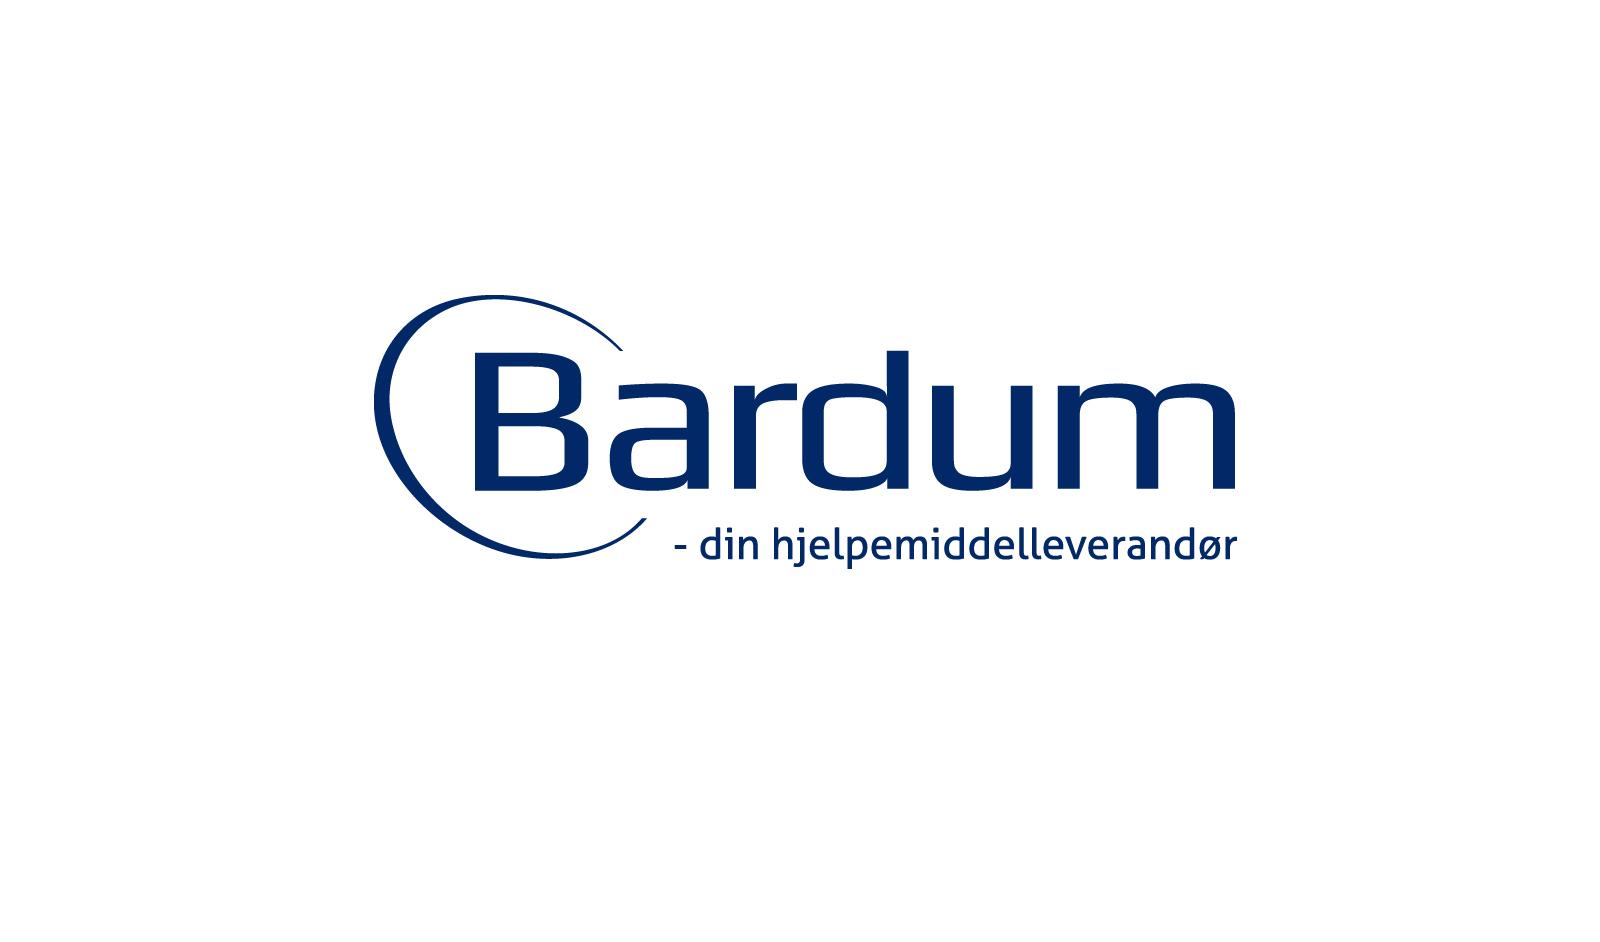 Bardum-logo